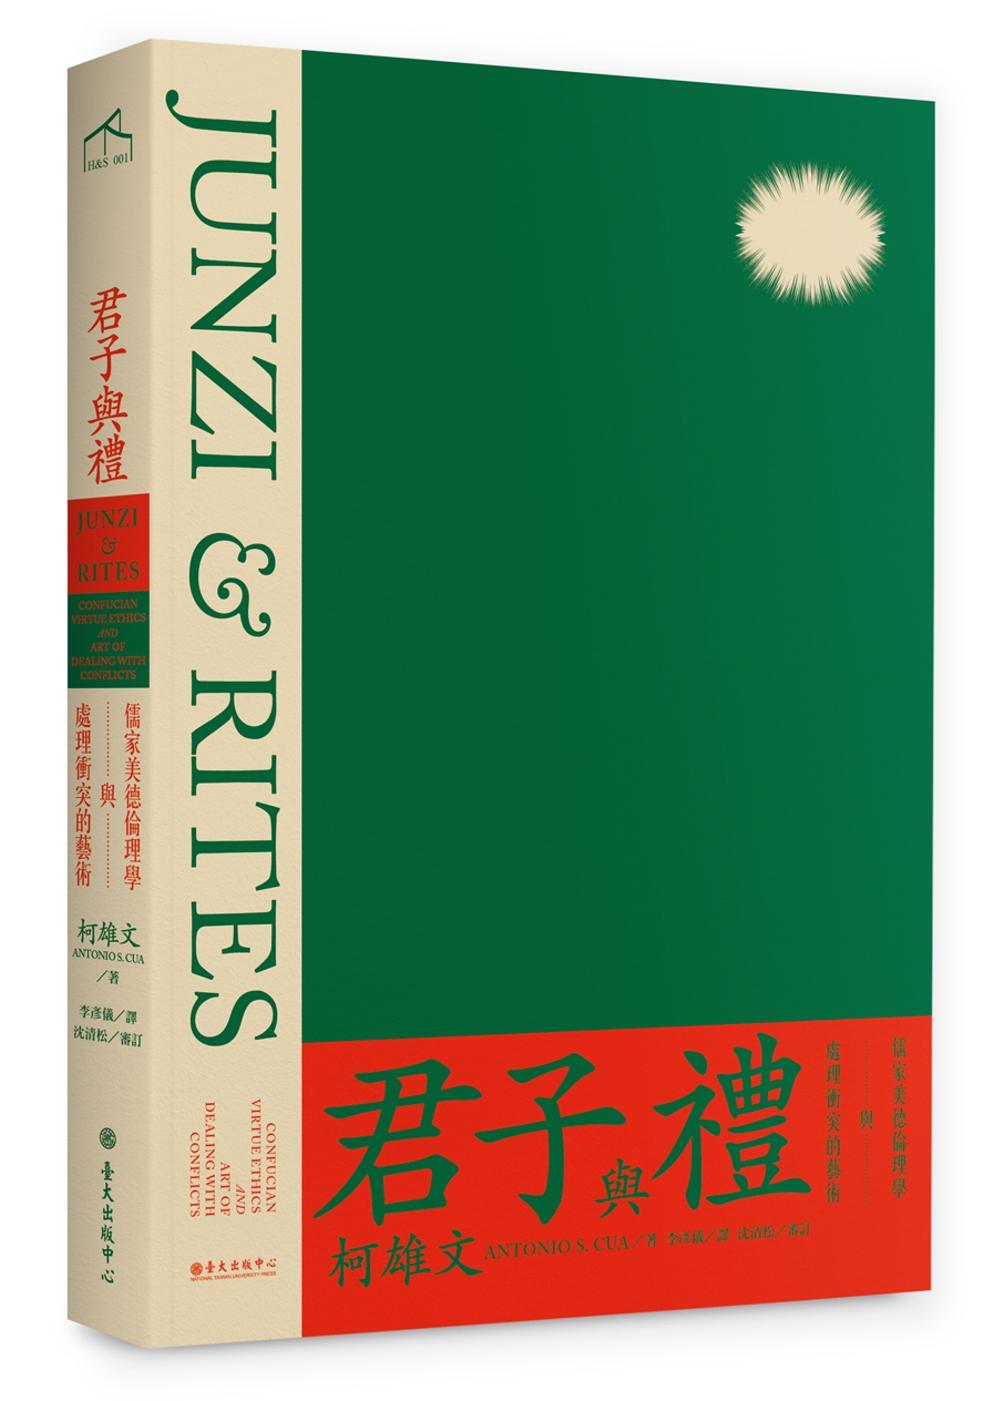 ◤博客來BOOKS◢ 暢銷書榜《推薦》君子與禮:儒家美德倫理學與處理衝突的藝術